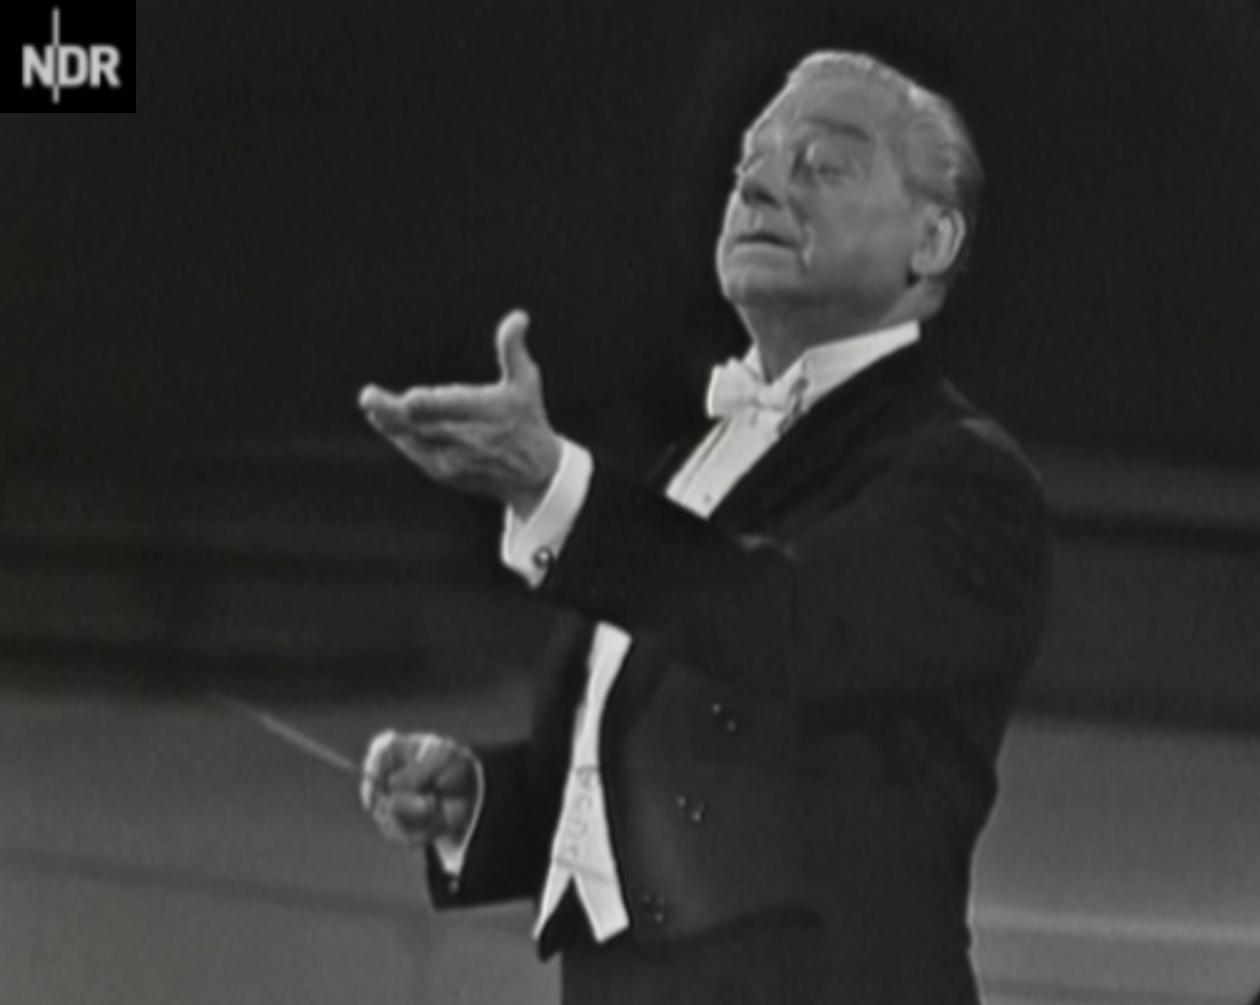 Hans SCHMIDT-ISSERSTEDT dans les années 1960 dirigeant l'Orchestre Symphonique de la NDR (cité d'un film tourné par la NDR, voir la référence dans le texte)